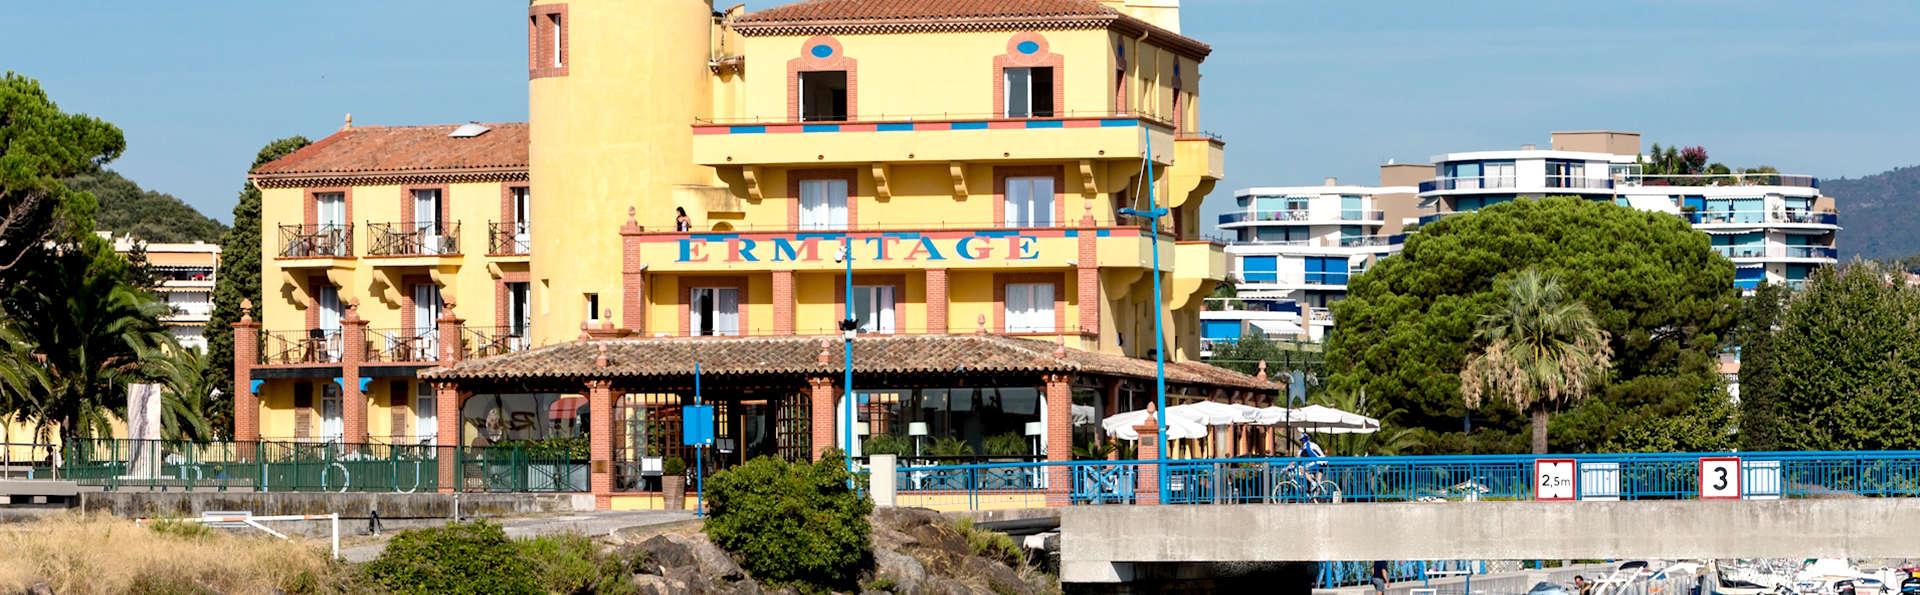 Ermitage de l'Oasis - Cannes Mandelieu - EDIT_NEW_FRONT.jpg